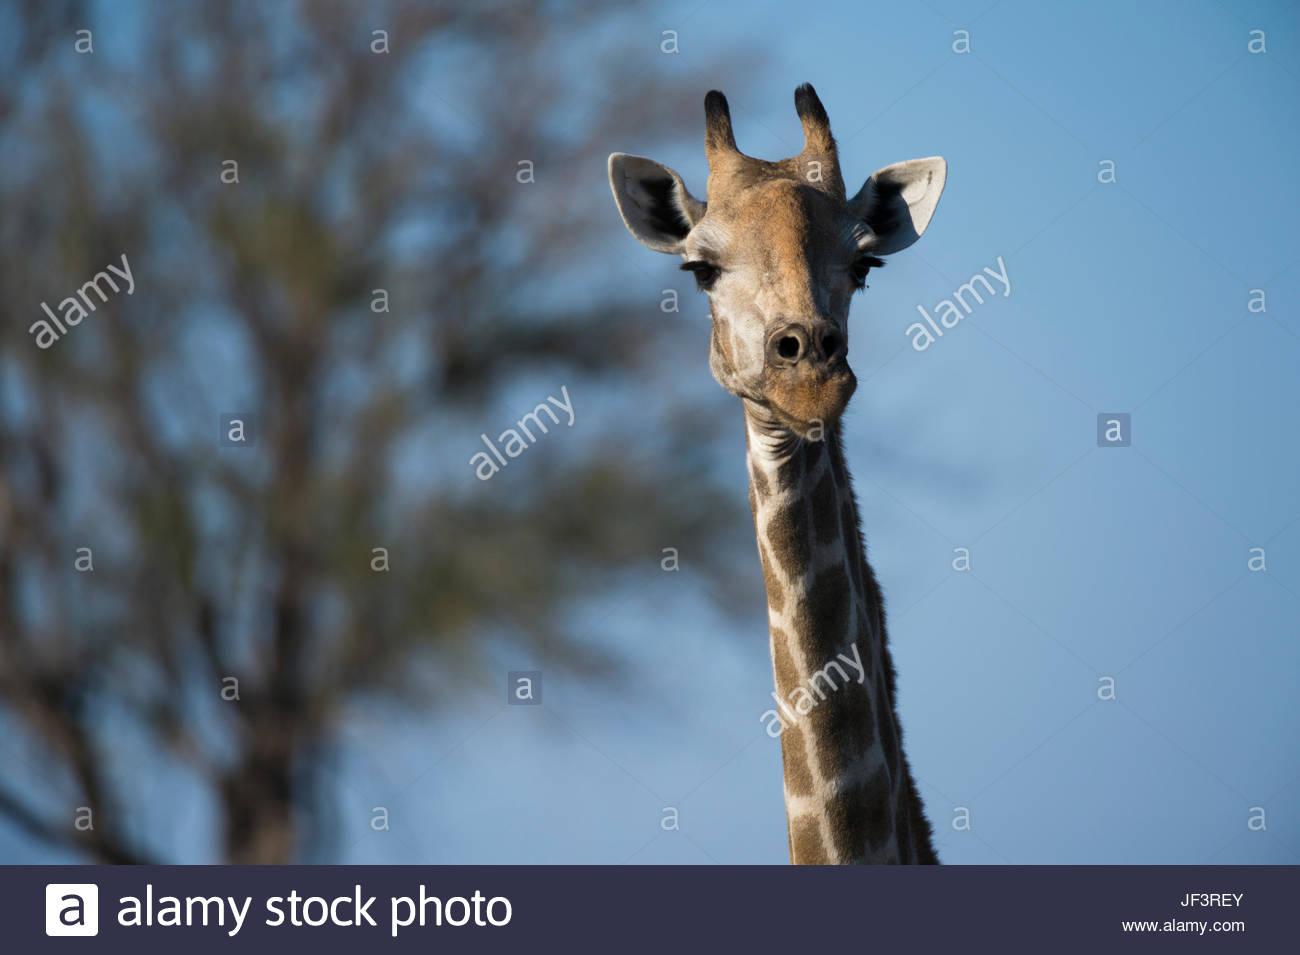 Retrato de una mujer del sur de jirafas, Giraffa camelopardalis giraffa, mirando a la cámara. Imagen De Stock